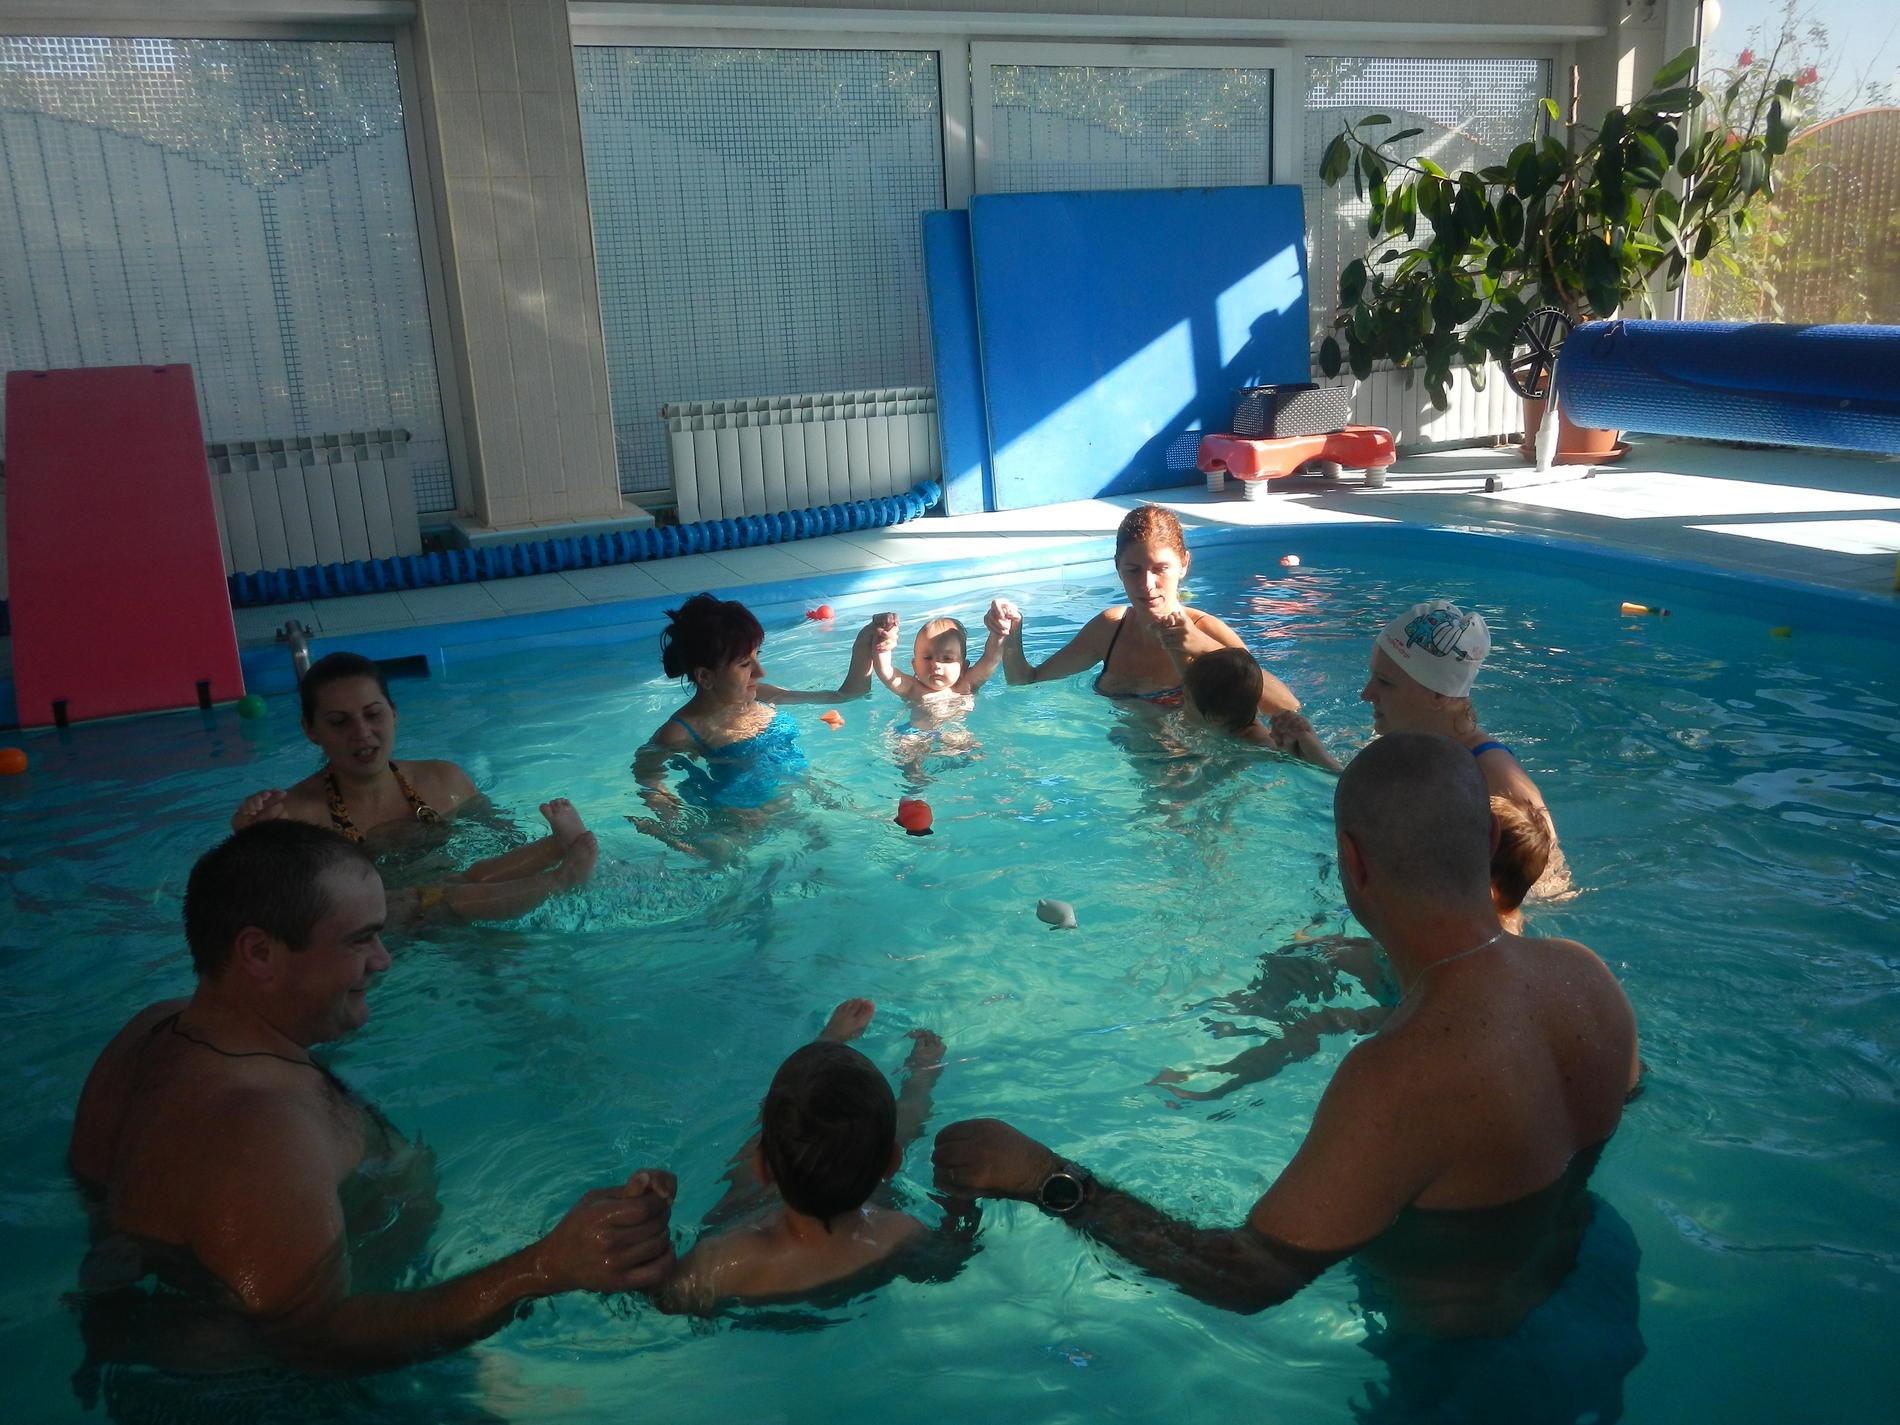 Durerea de sold | Cauze, simptome si tratamente – Voltaren - Șolduri după înot